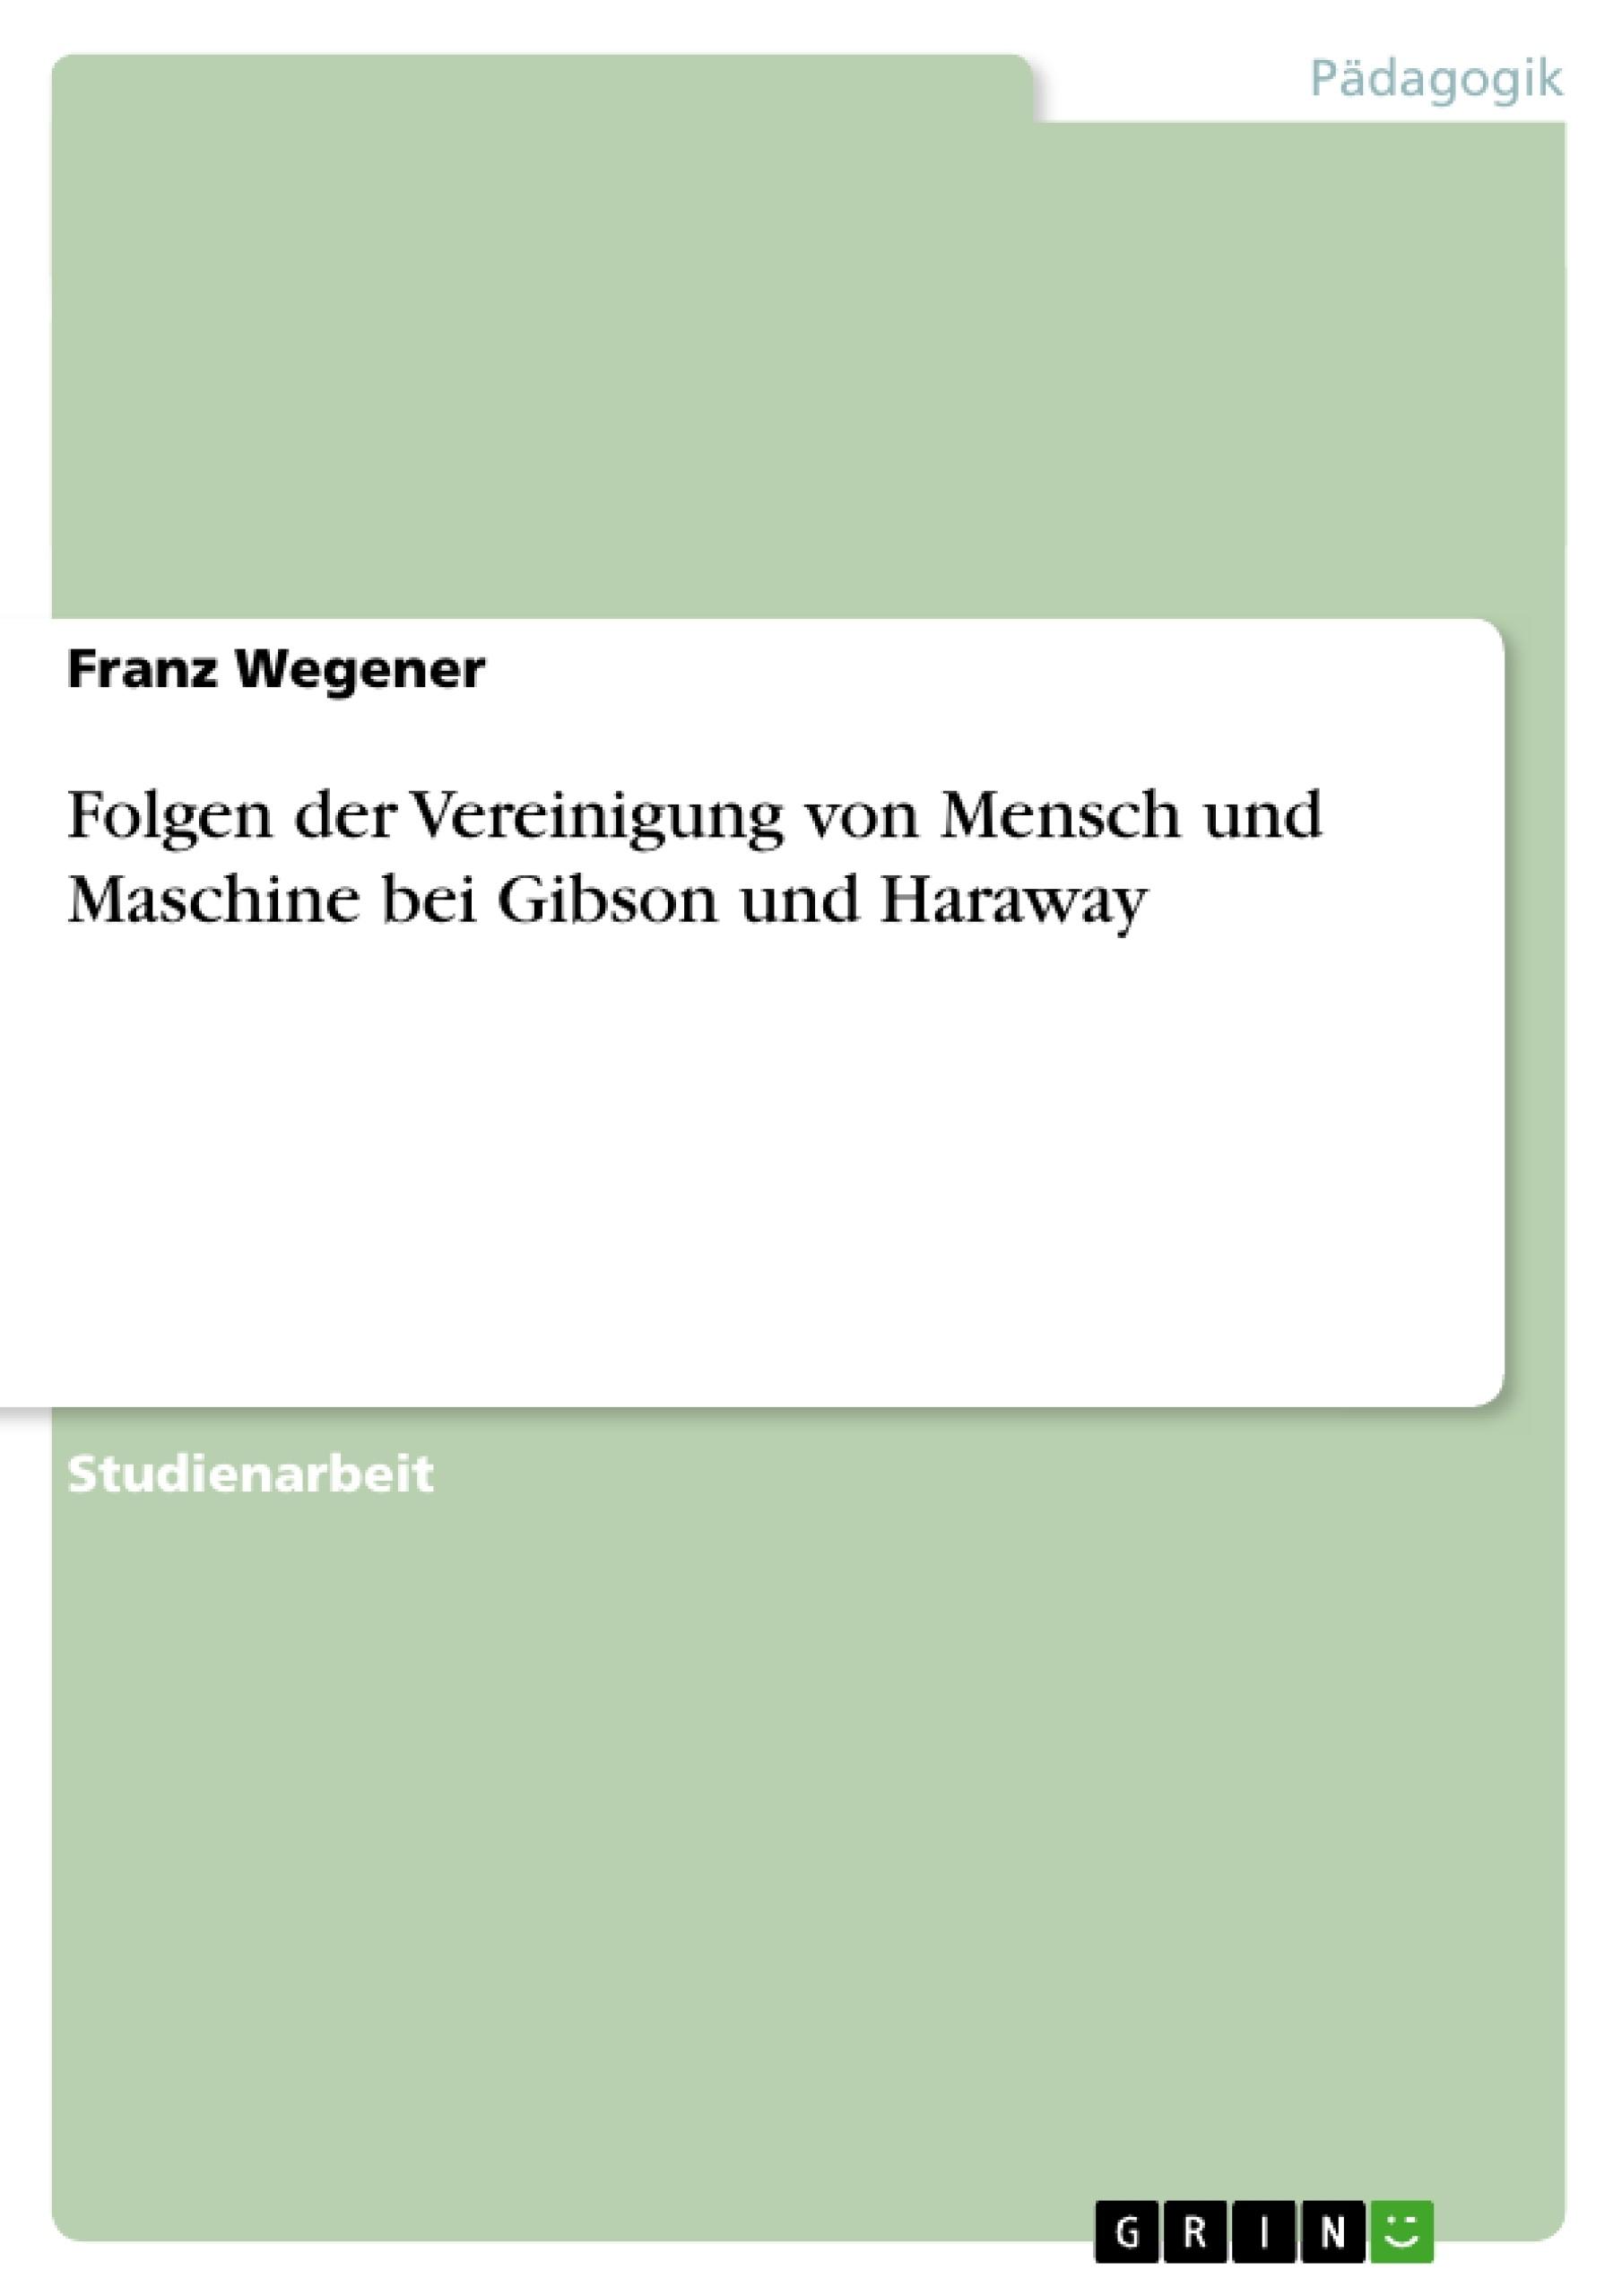 Titel: Folgen der Vereinigung von Mensch und Maschine bei Gibson und Haraway